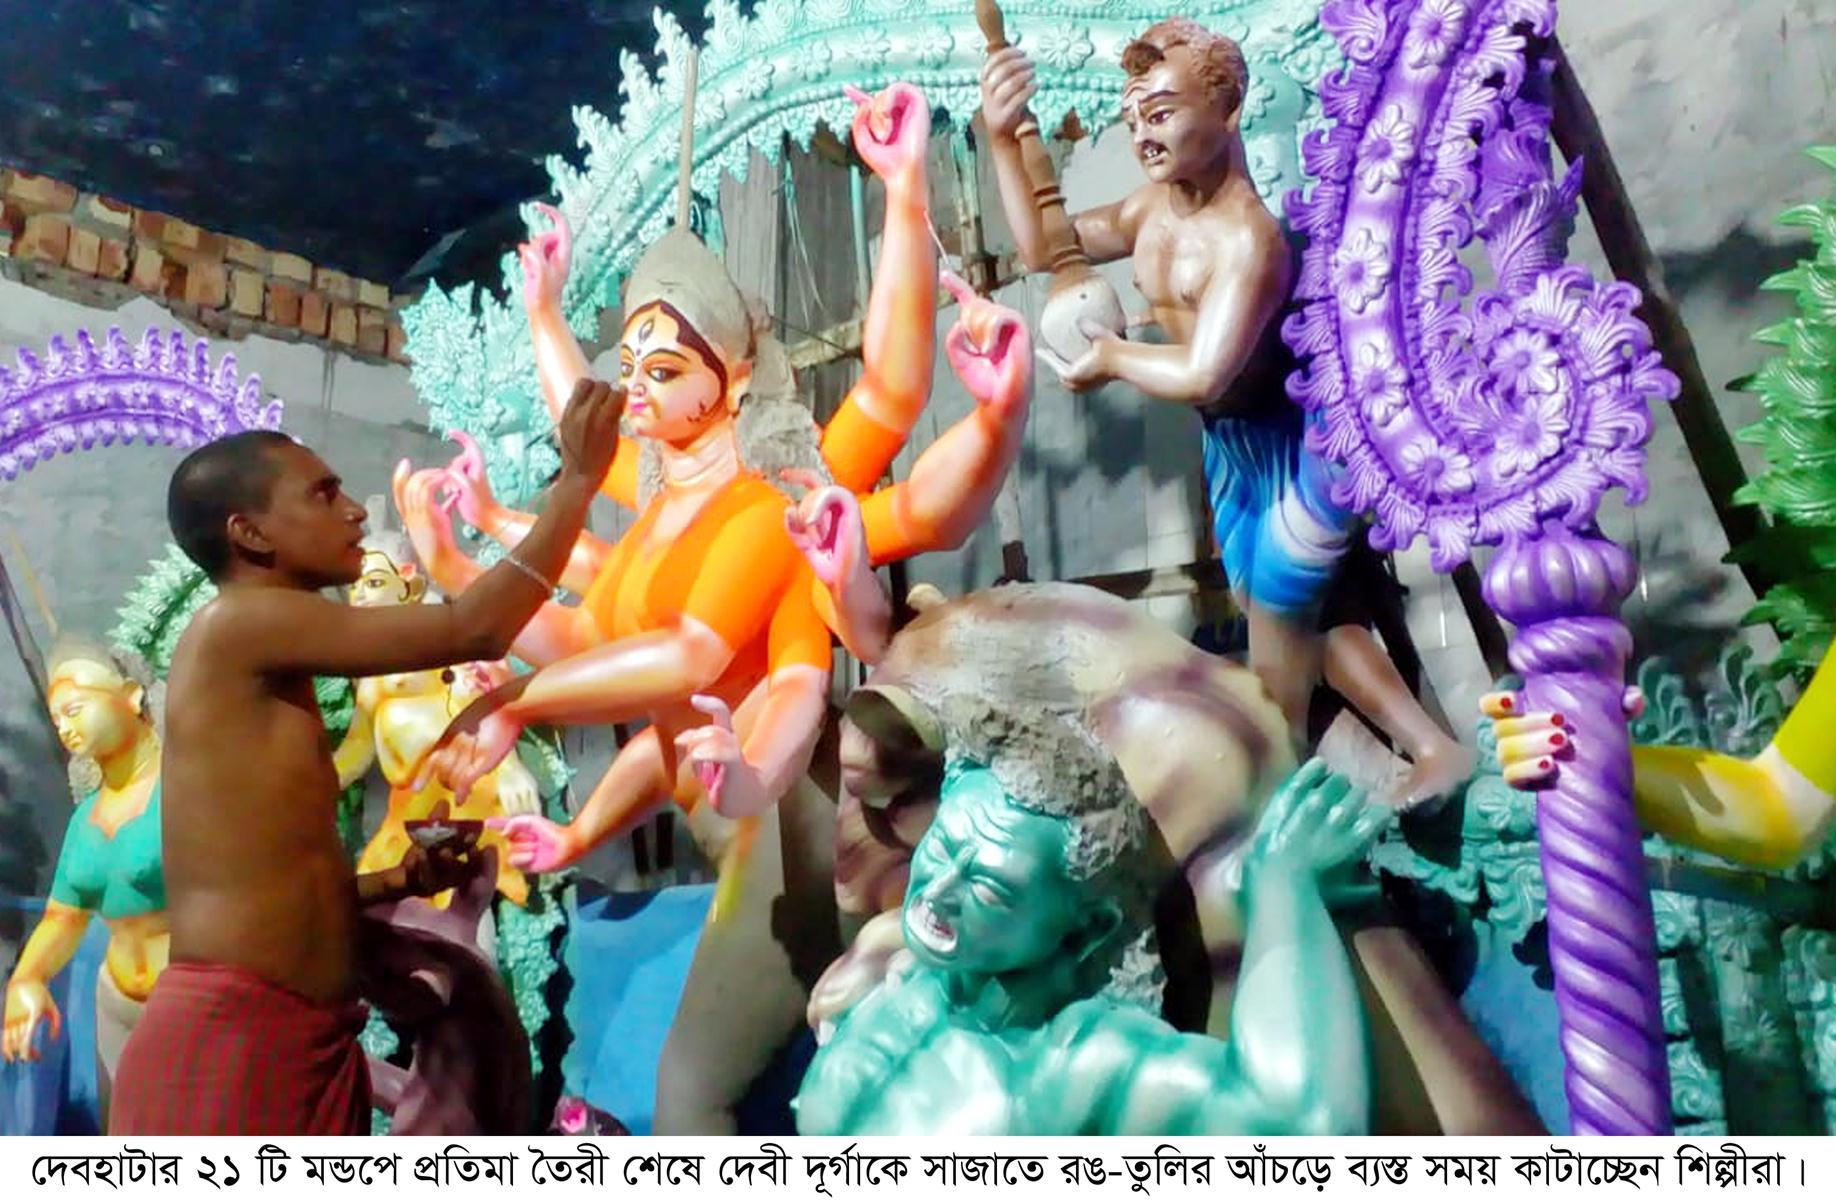 দেবহাটার ২১টি পূজামন্ডপে শেষ হয়েছে প্রতিমা তৈরী: রঙ-তুলির আঁচড়ে ব্যস্ত শিল্পীরা